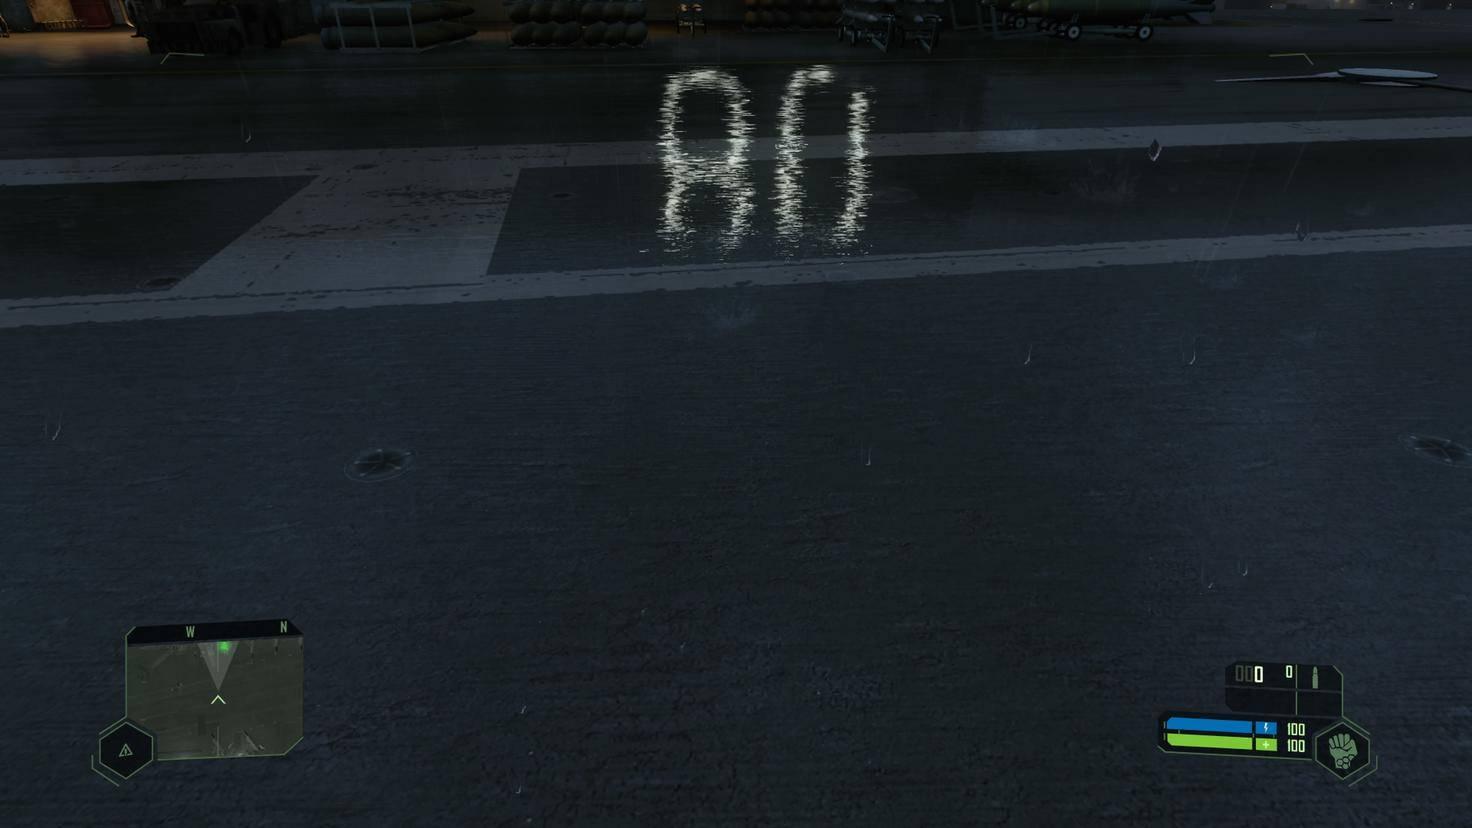 """Der """"Raytracing-Schnelltest"""": Die Spiegelung ist auch noch zu sehen, wenn sich das Objekt außerhalb der virtuellen Kamera befindet."""